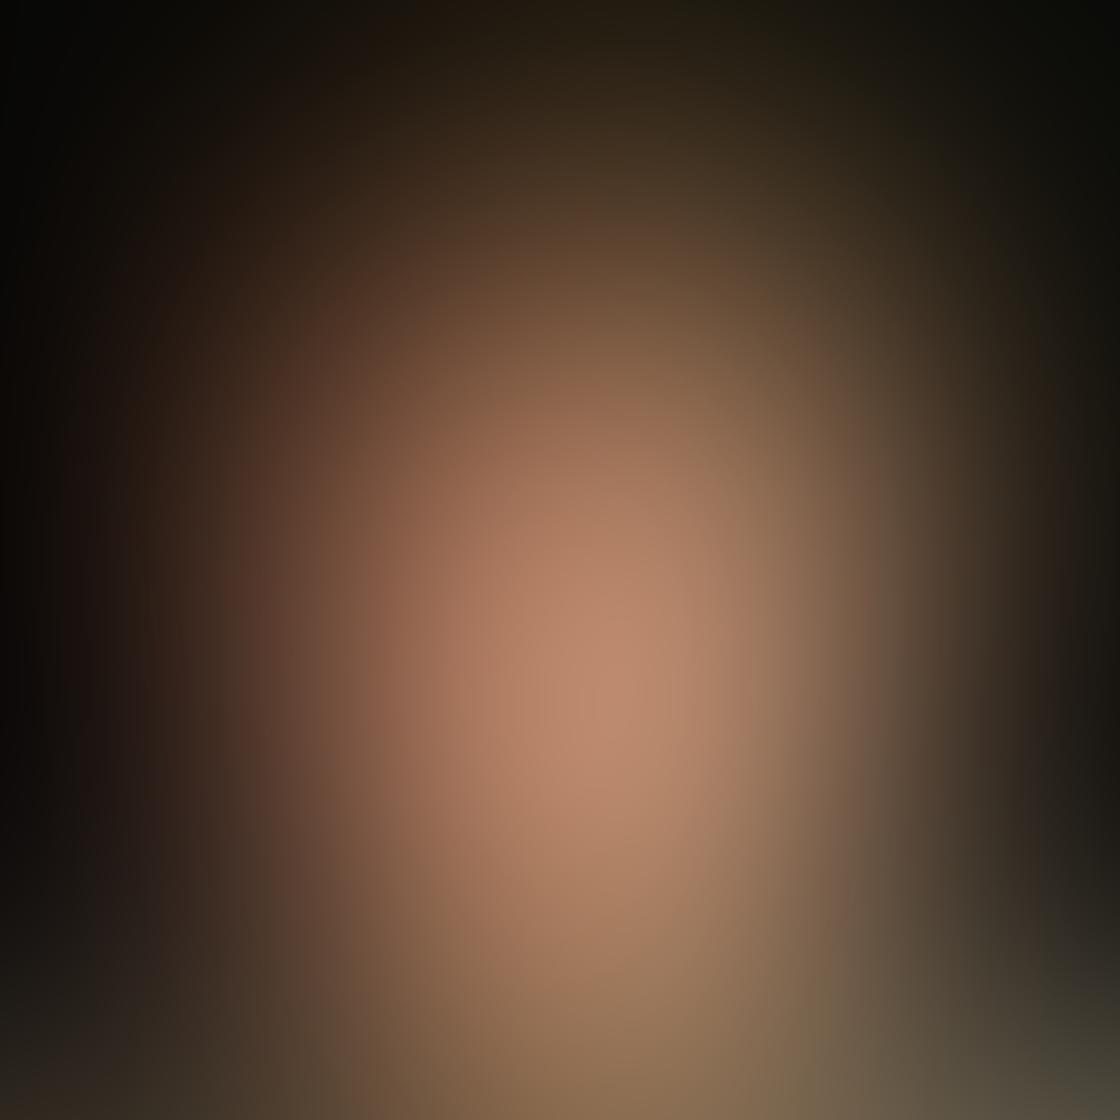 Ztylus Z-Prime iPhone Lens 19